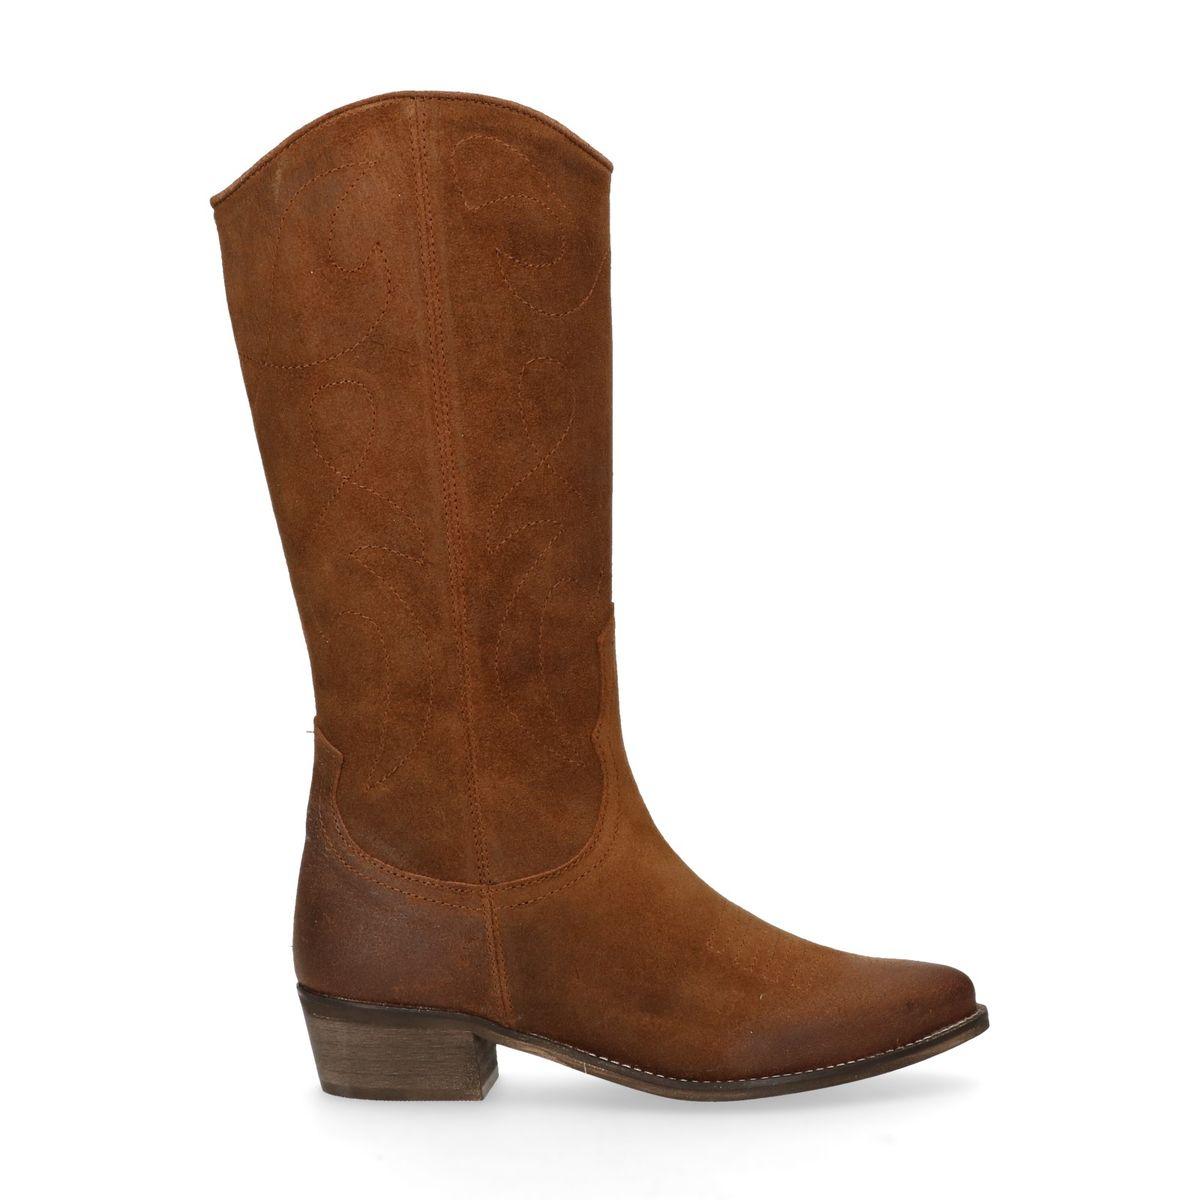 Bottes style cowboy en cuir - marron (Maat 36)